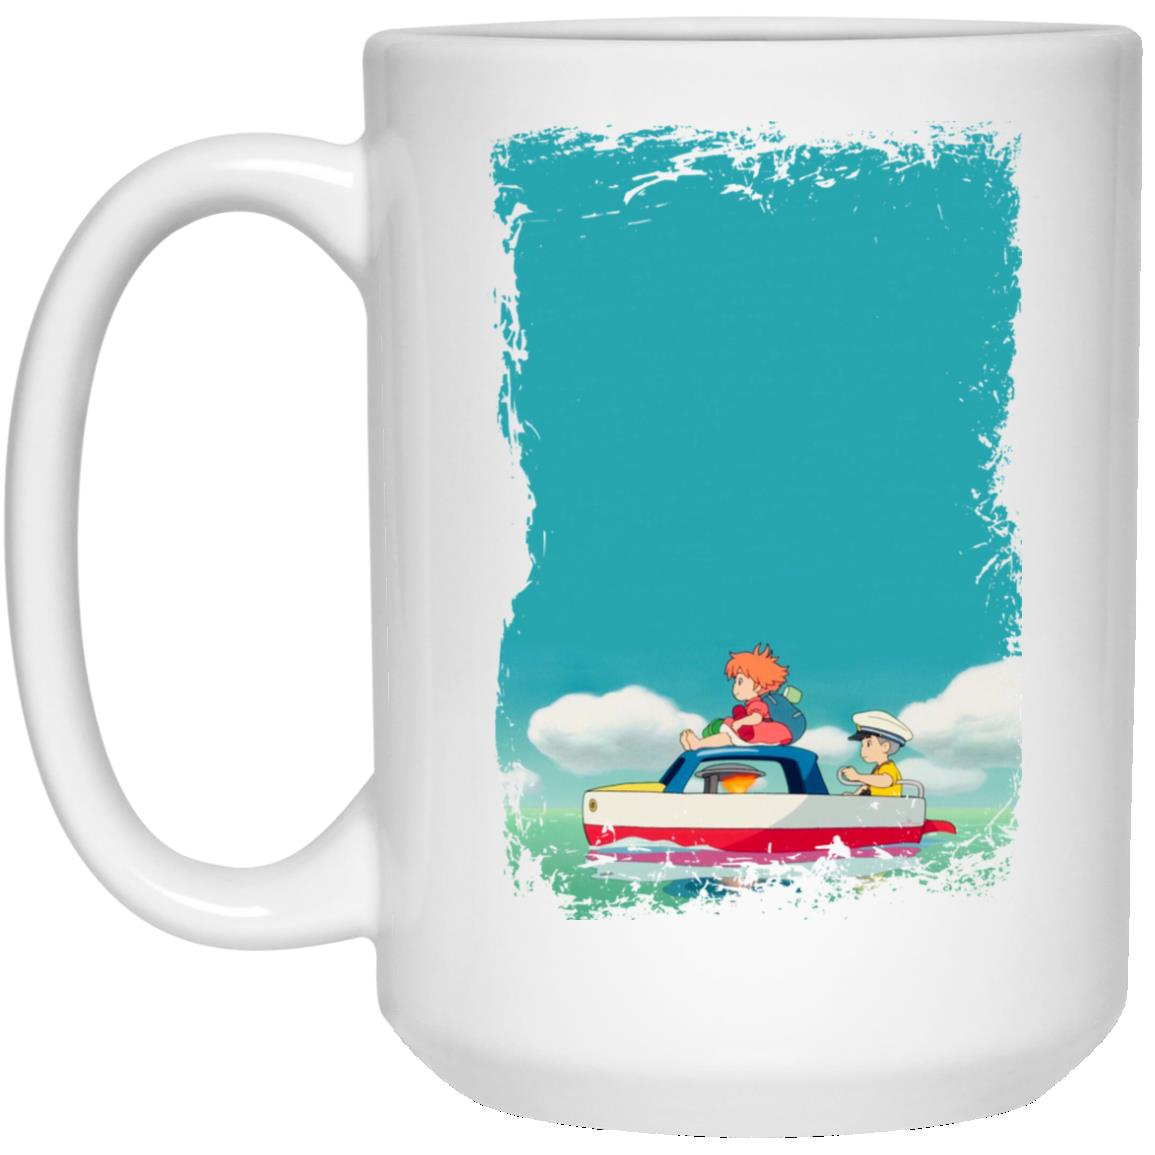 Ponyo and Sosuke on Boat Mug